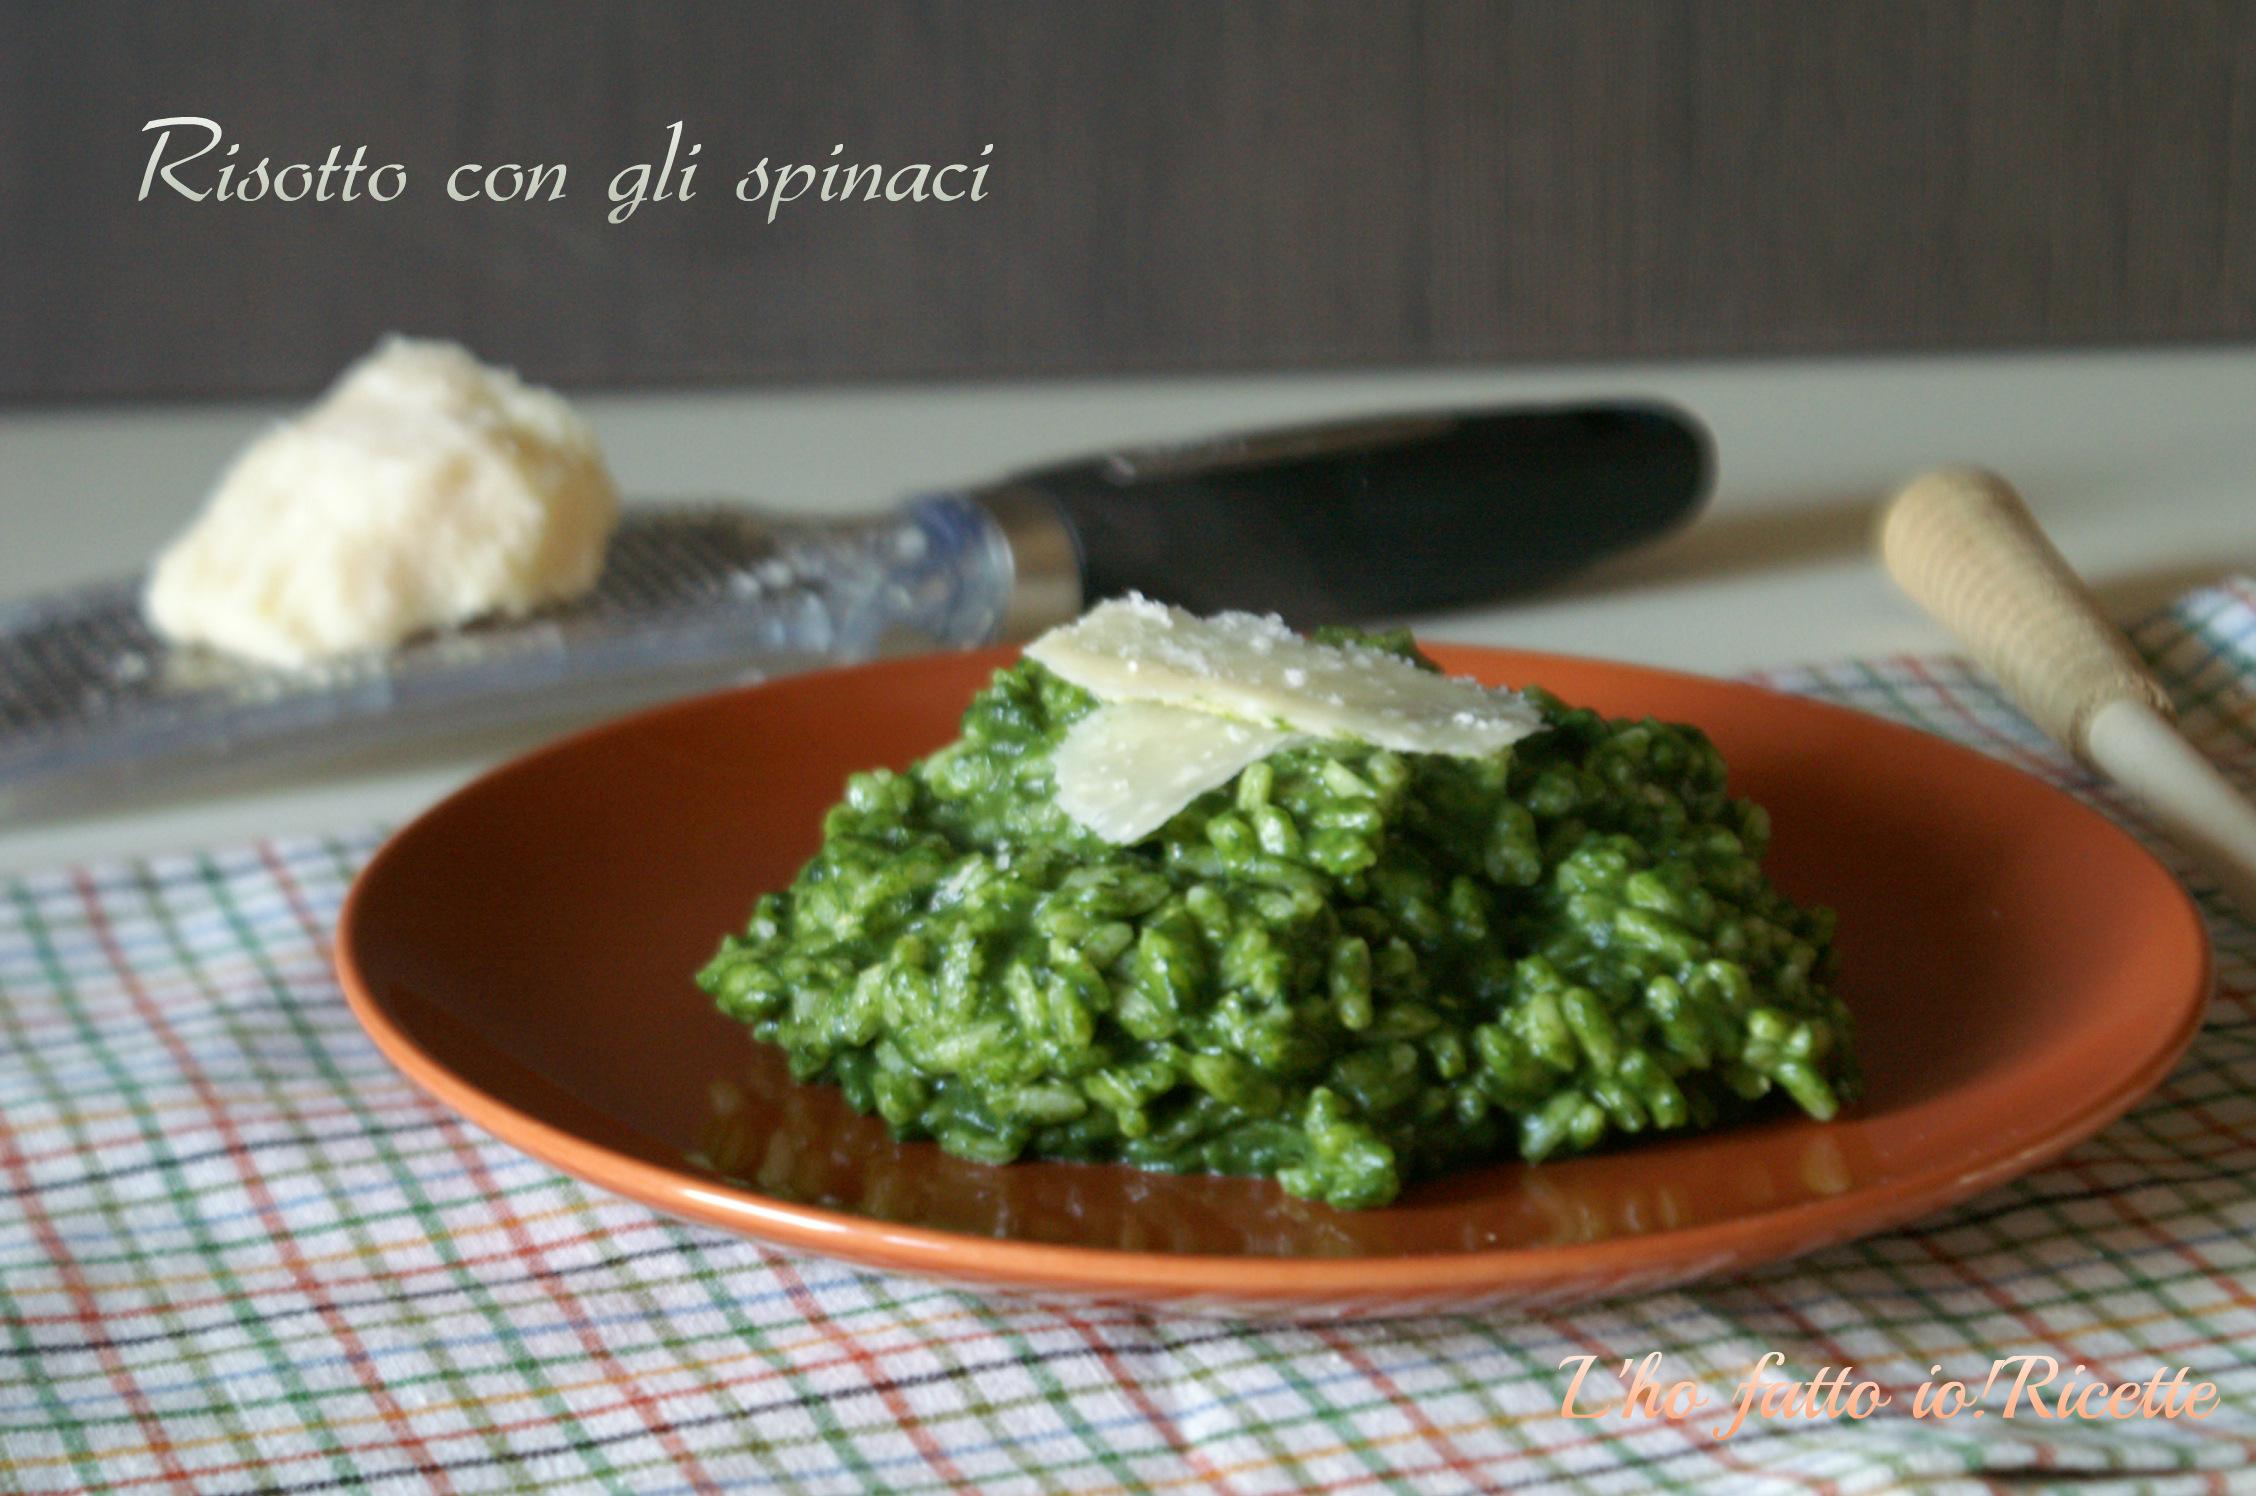 Risotto con gli spinaci